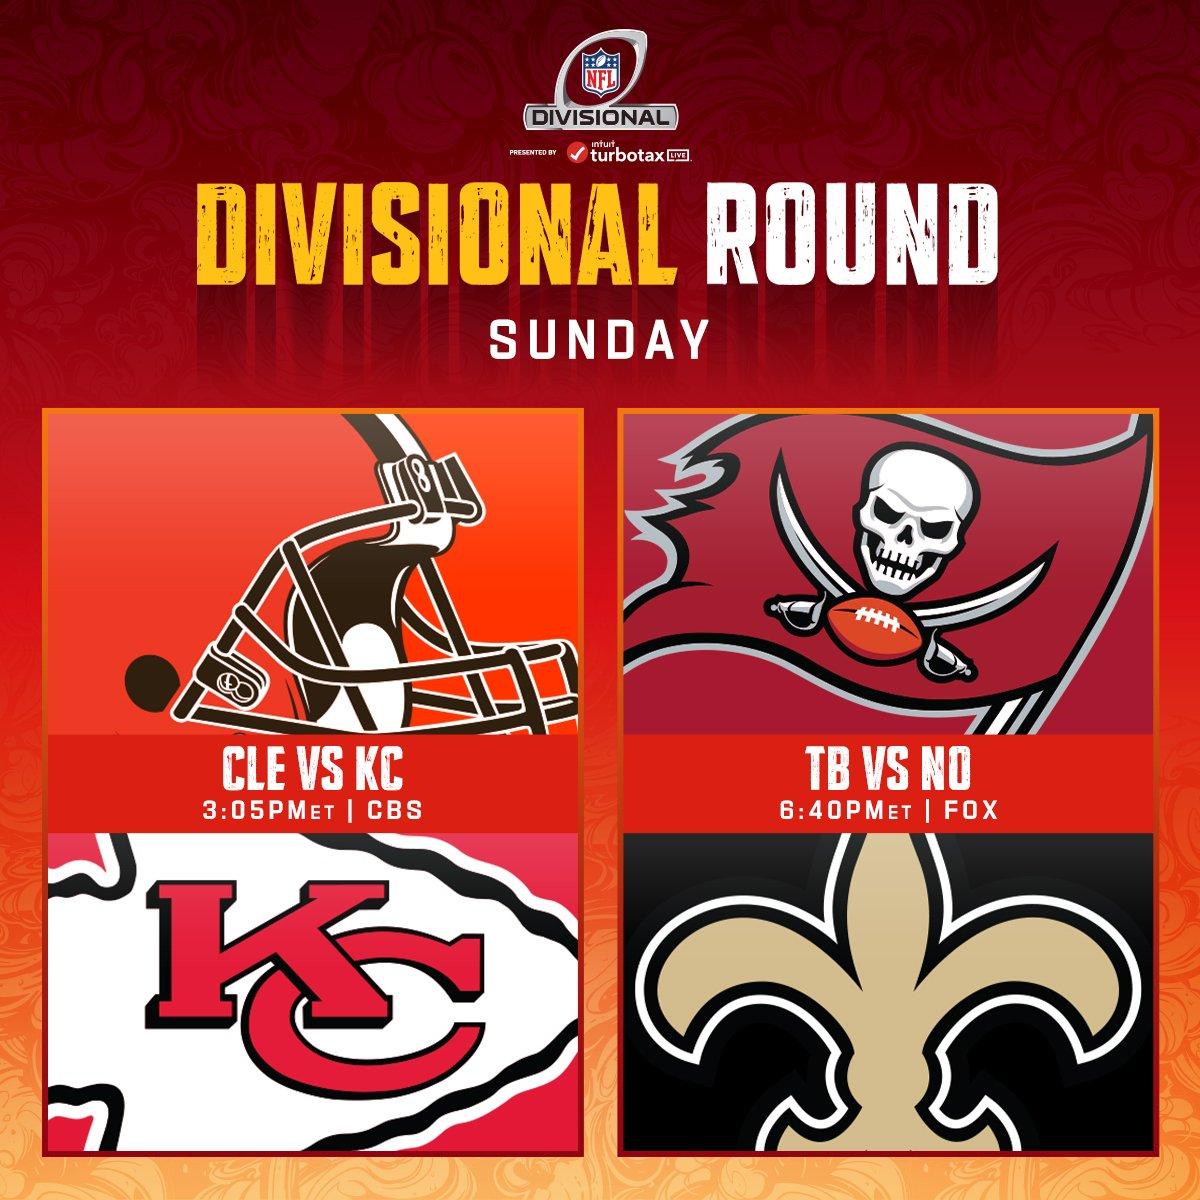 Domingo de más #NFL 🏈🎉🎊  Continúa la ronda divisional con dos partidos bastante buenos, los #GoPackGo y #BillsMafia esperan rivales.  #Browns 🆚 #ChiefsKingdom   #GoBucs 🆚 #Saints   Quién avanza?.....